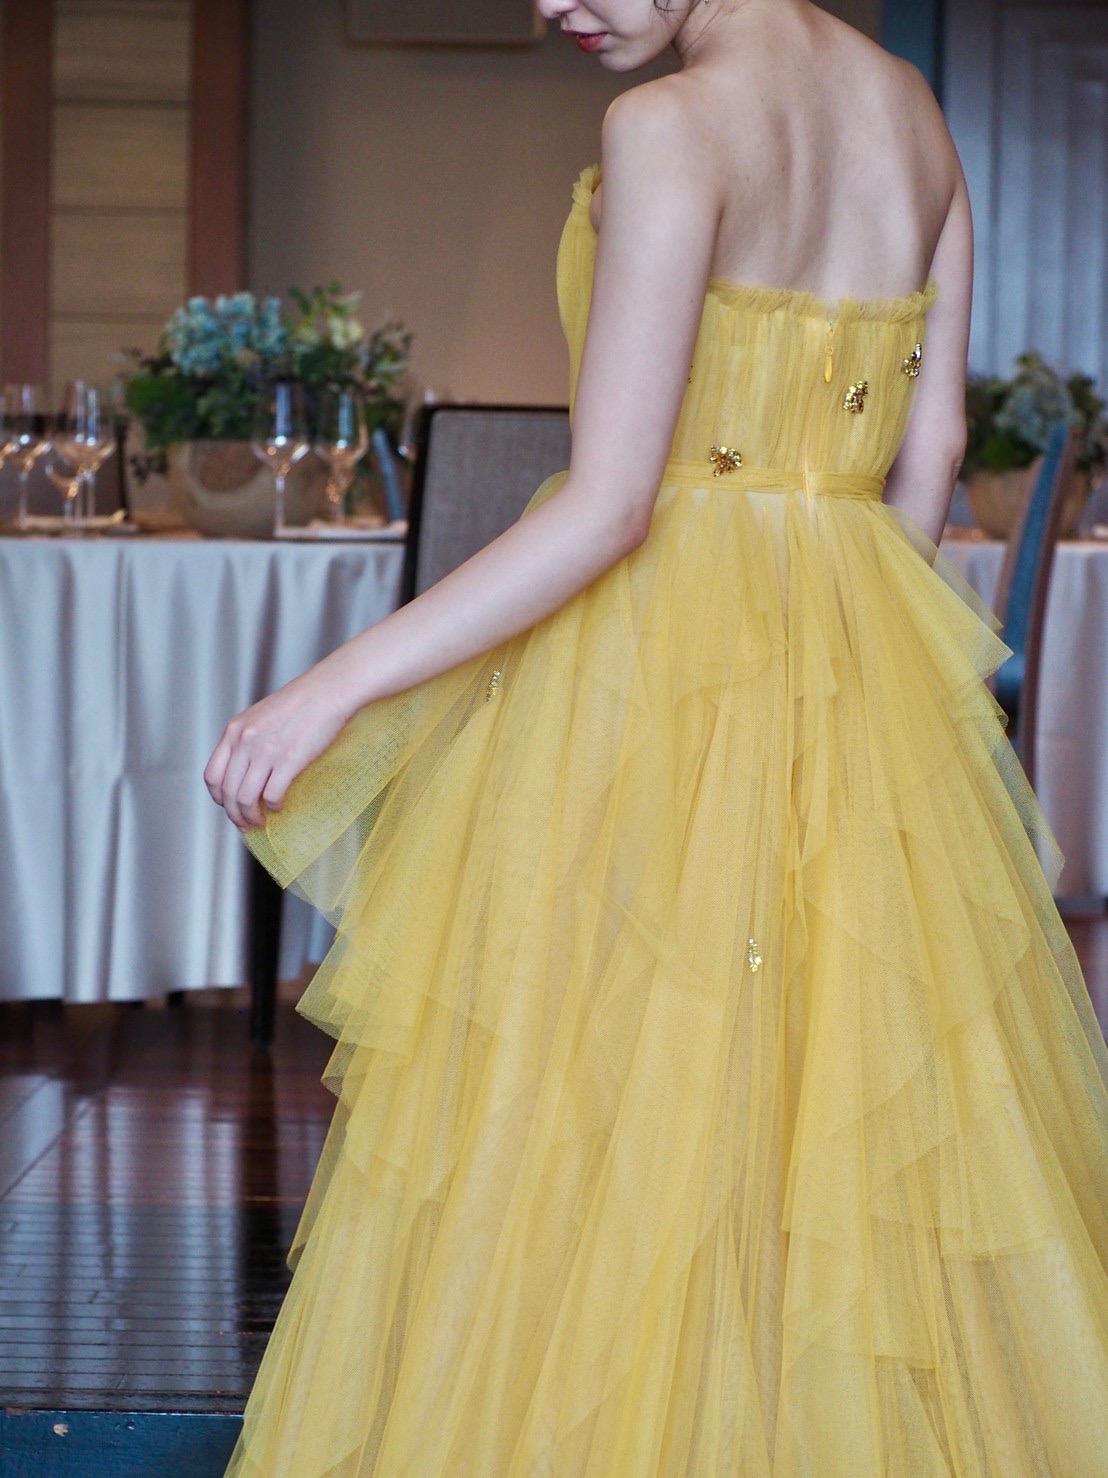 ザ・トリート・ドレッシング神戸店にお取り扱いのあるリーム・アクラのカラードレスのご紹介